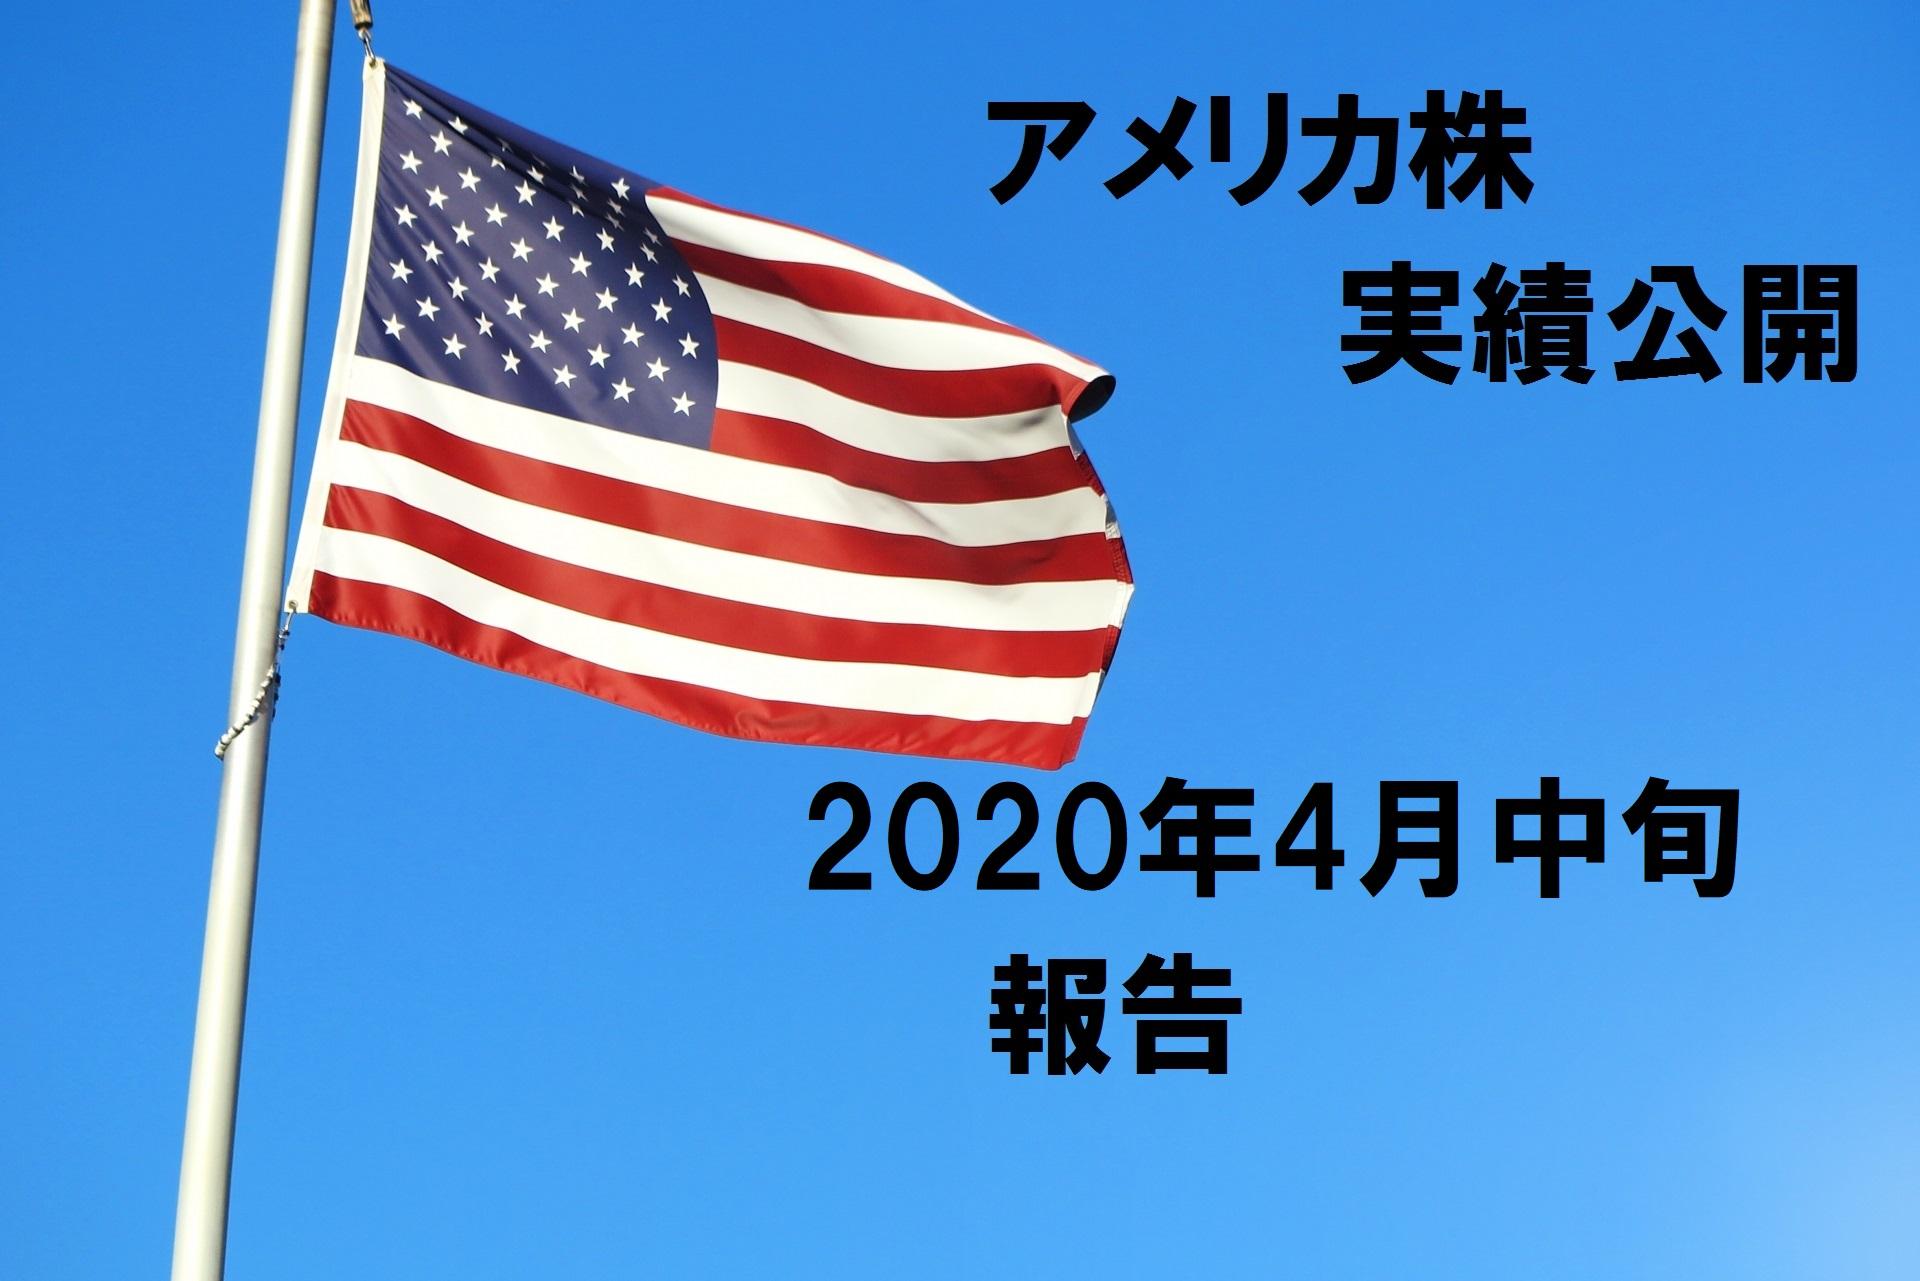 2020年4月中旬時点でのアメリカ株実績報告(新型コロナの対策は出尽くした!アメリカ編)